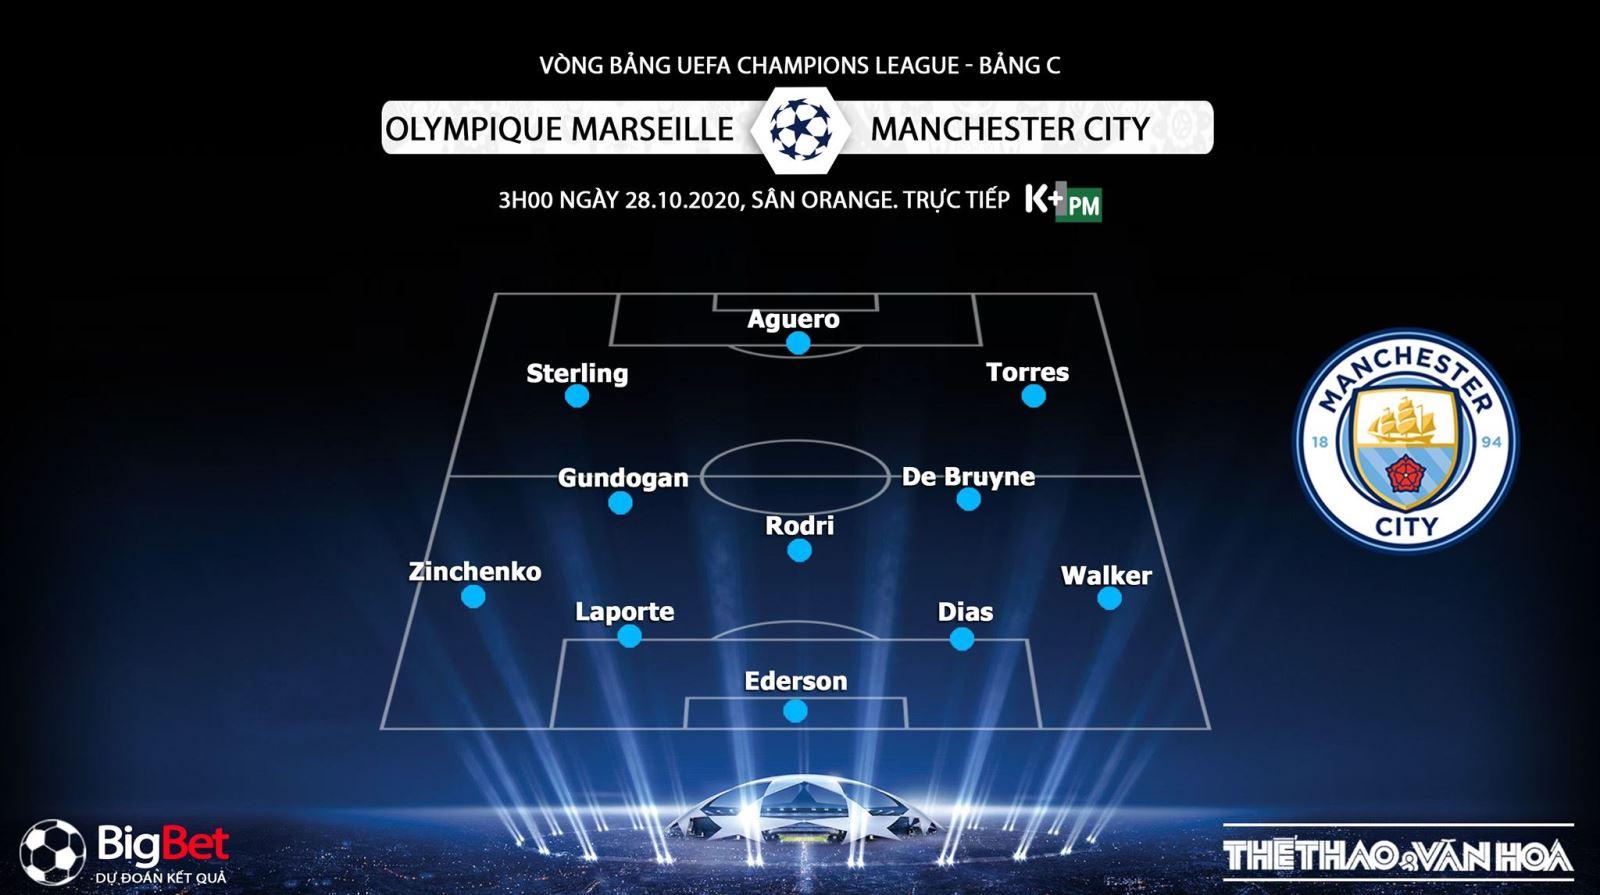 Keo nha cai, kèo nhà cái, Marseille vs Man City, Trực tiếp bóng đá Cúp C1 châu Âu, K+PM, trực tiếp bóng đá Man City đấu với Marseille, kèo bóng đá, kèo Man City, Cúp C1